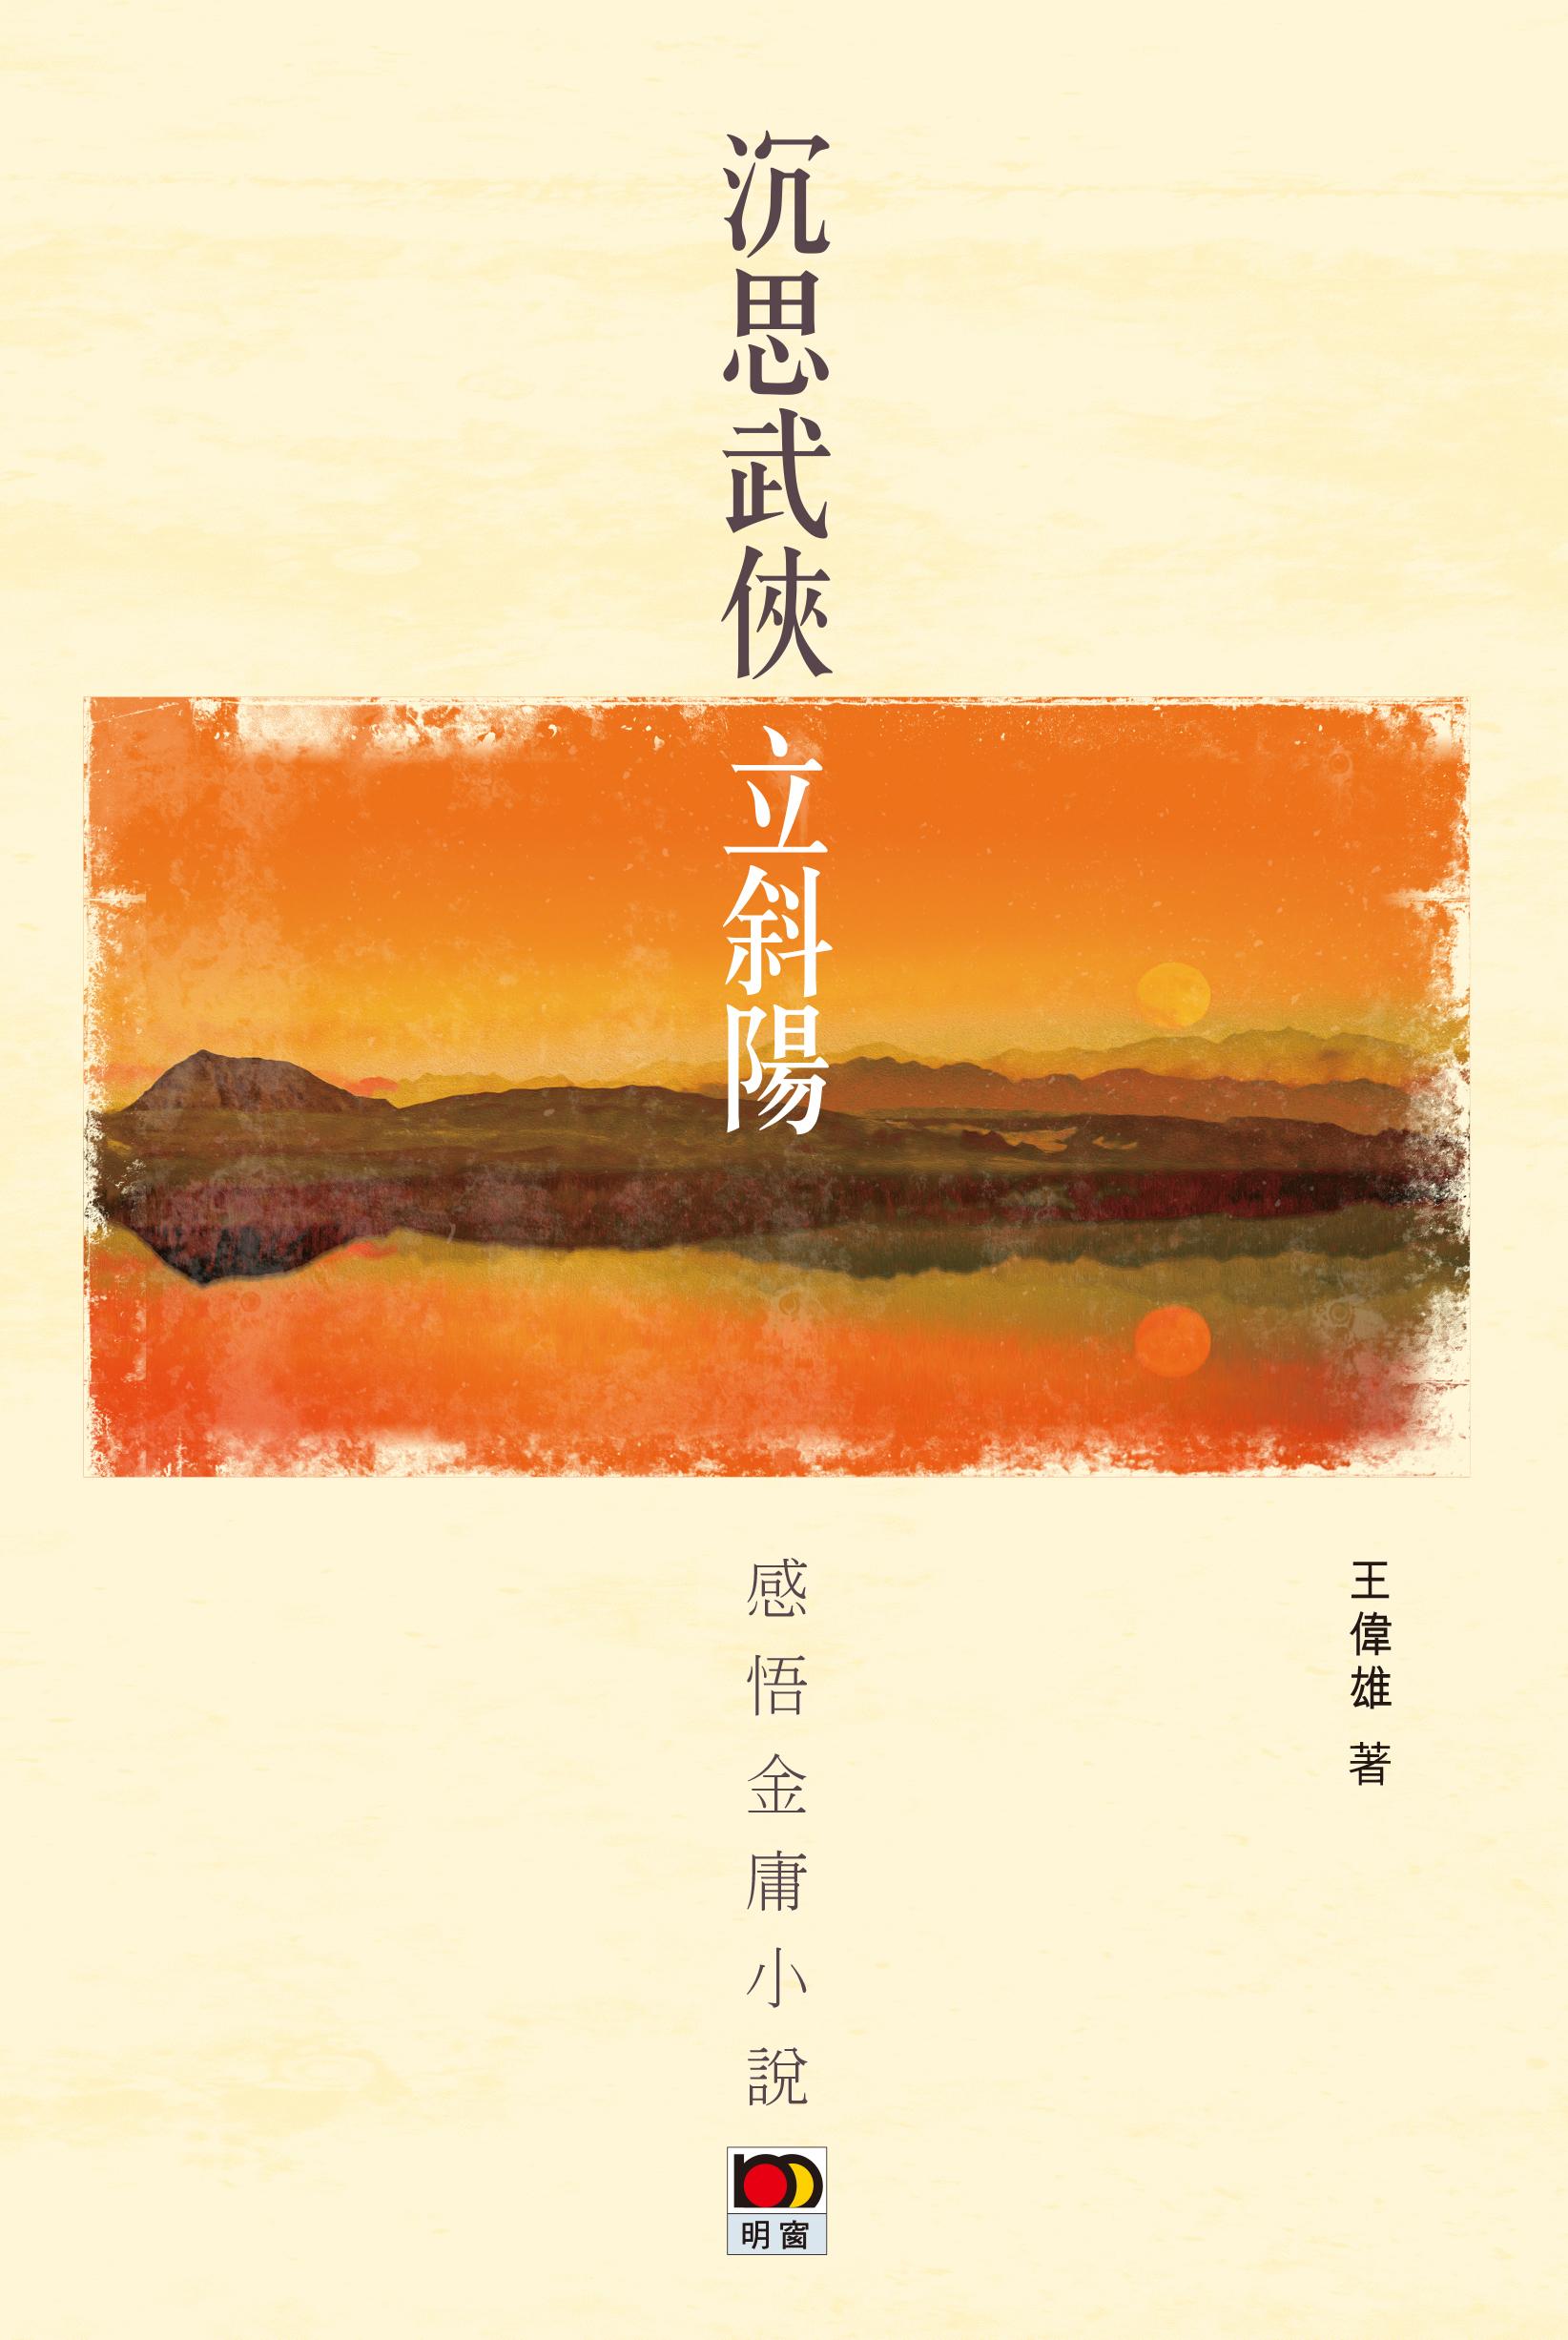 沉思武俠立斜陽——感悟金庸小說